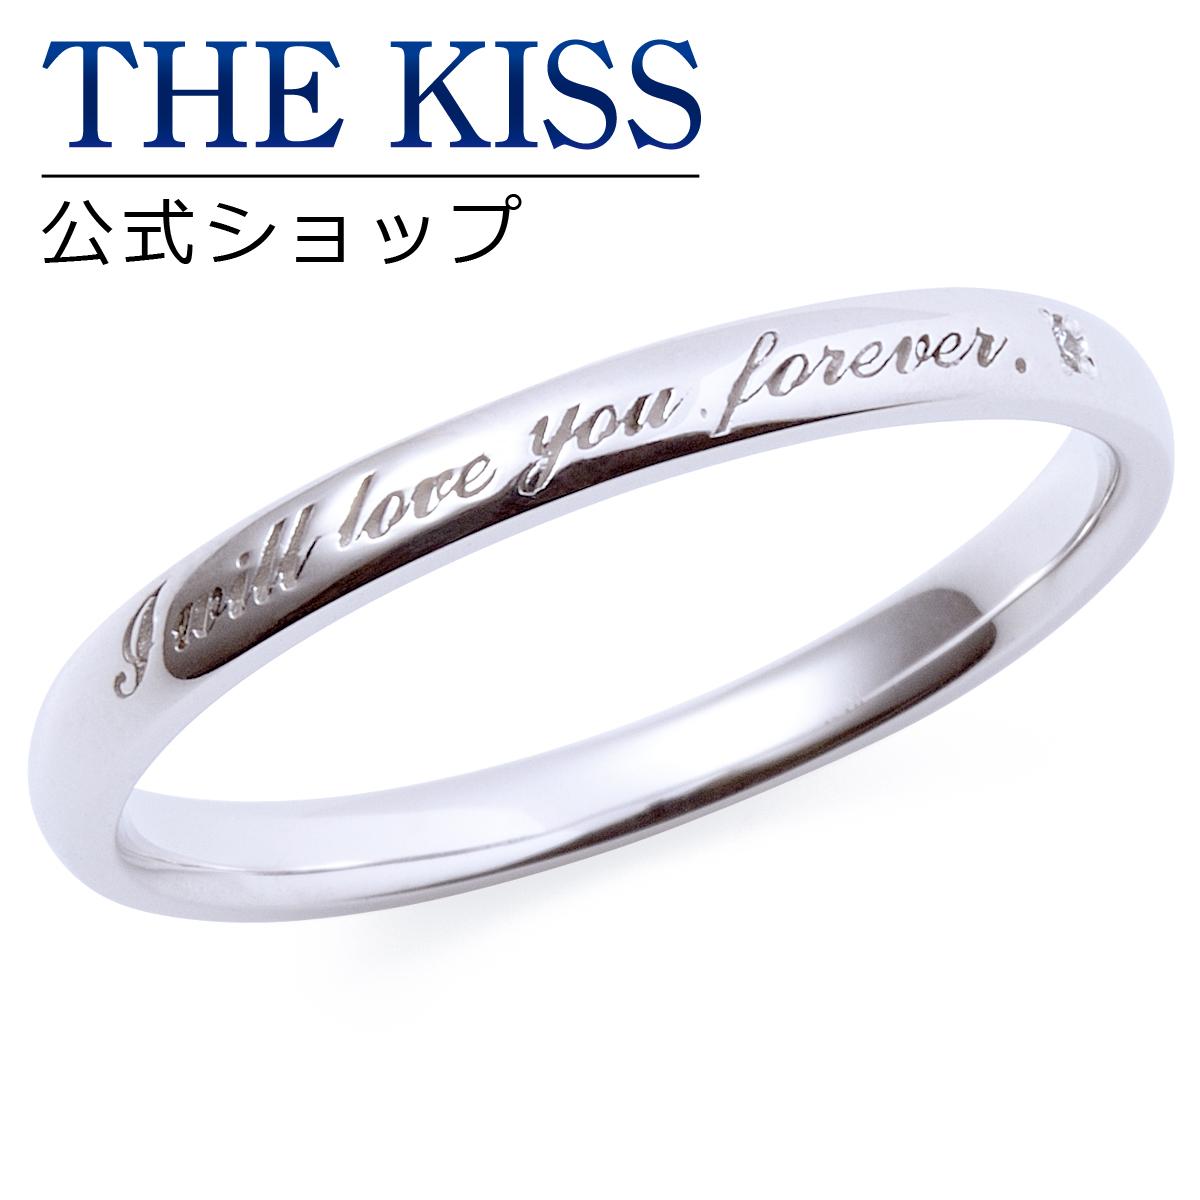 【あす楽対応】【送料無料】【THE KISS sweets】【ペアリング】 K10ホワイトゴールド メンズ リング (メンズ単品) K-R2925WG ☆ ゴールド ペア リング 指輪 ブランド GOLD Pair Ring couple